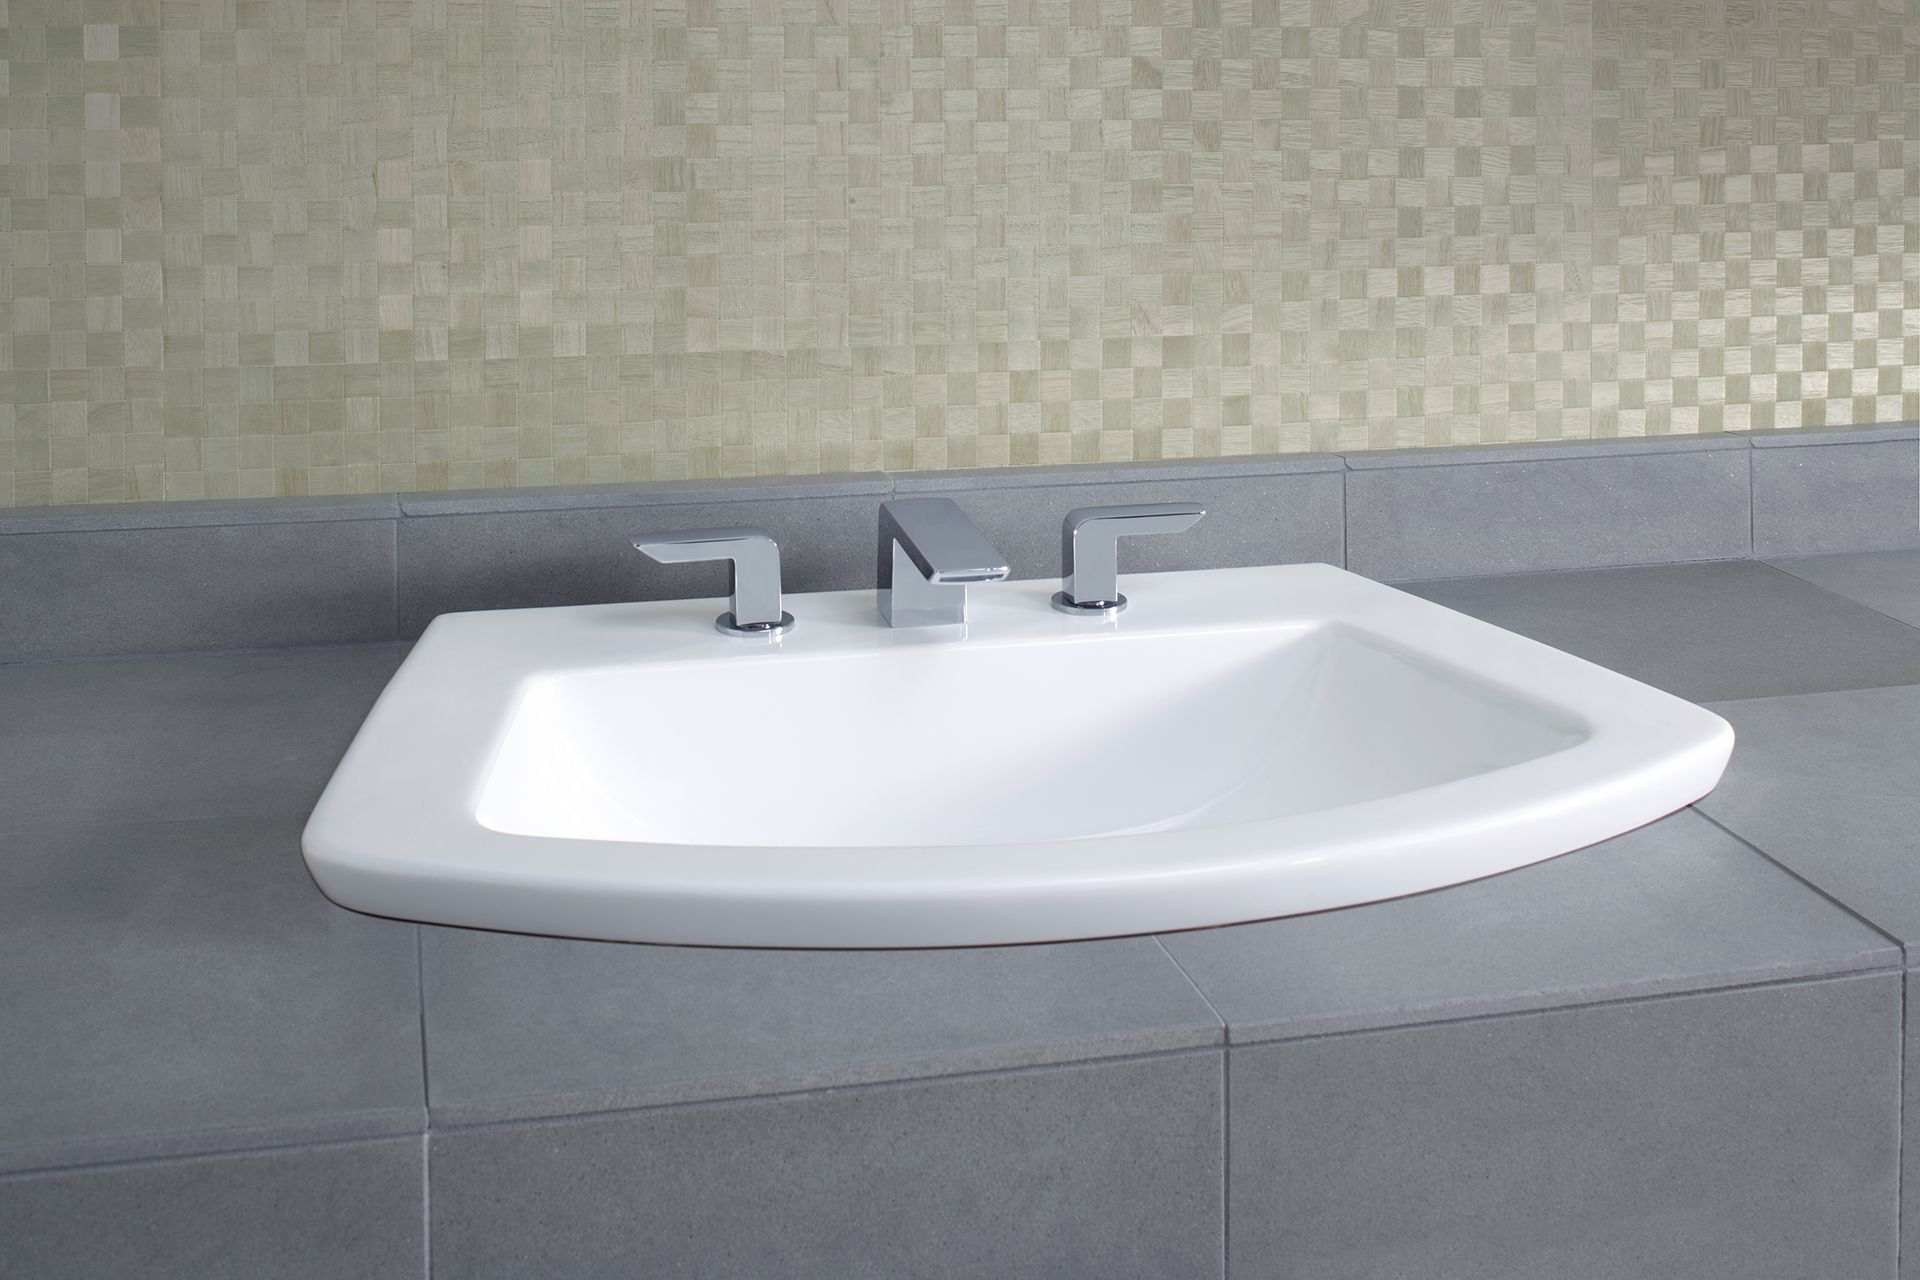 Soirée Widespread Lavatory Faucet 1 5 GPM TotoUSA